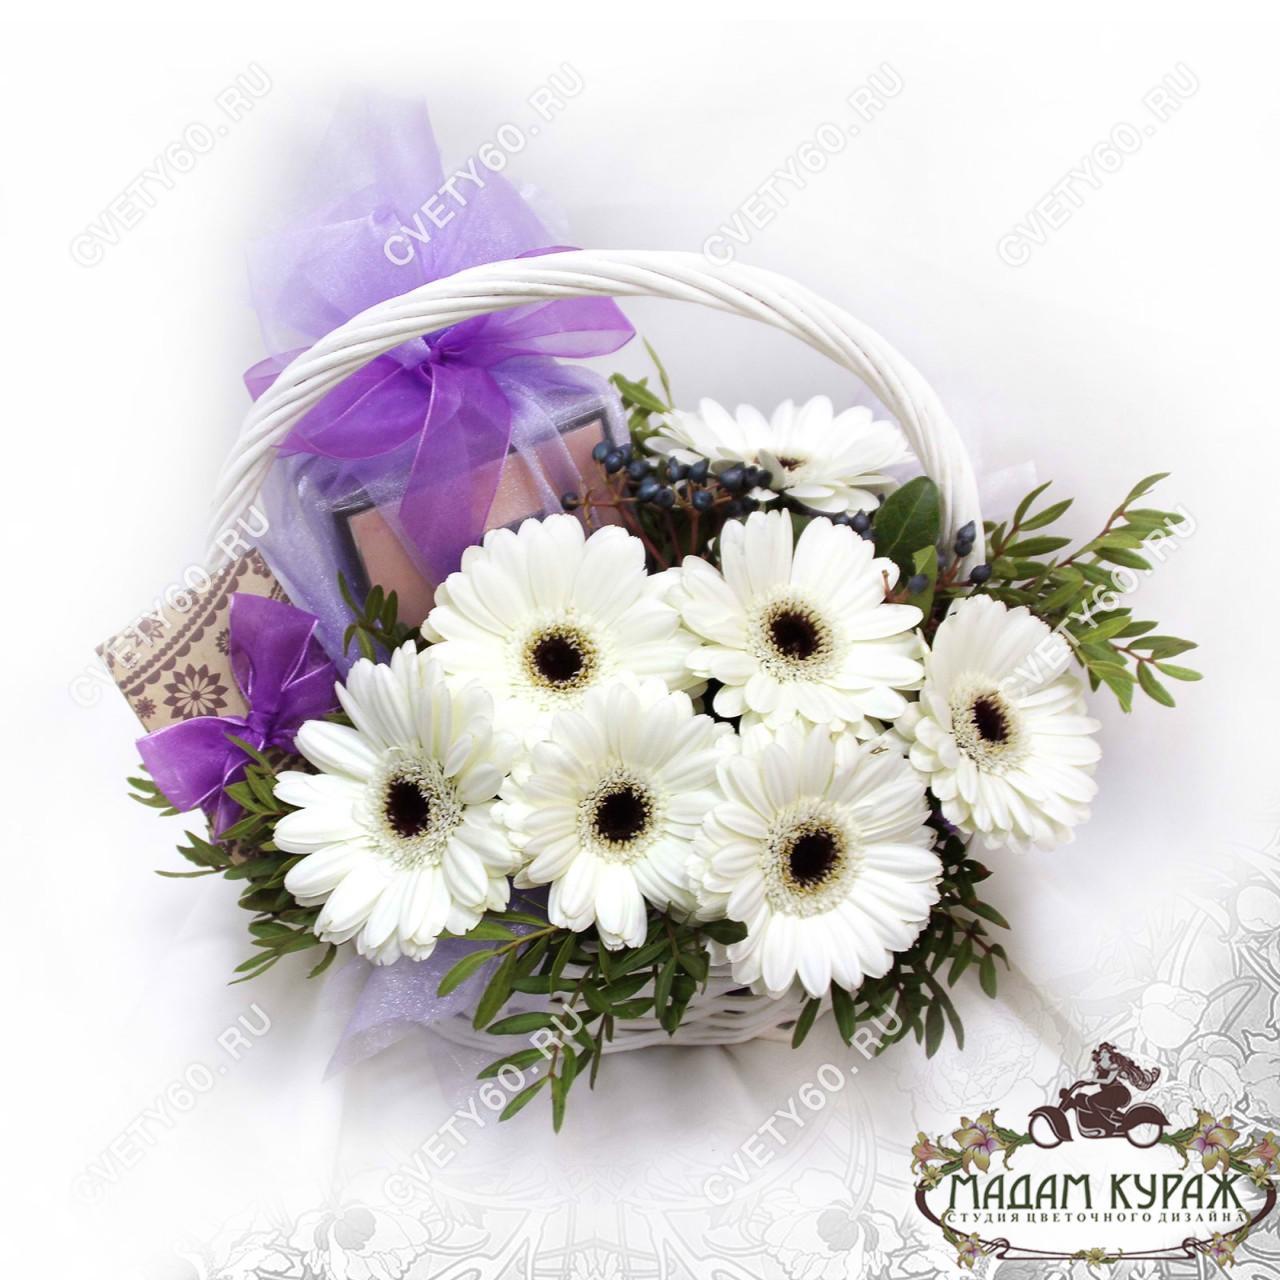 Цветы на оформление поздравление фото 861